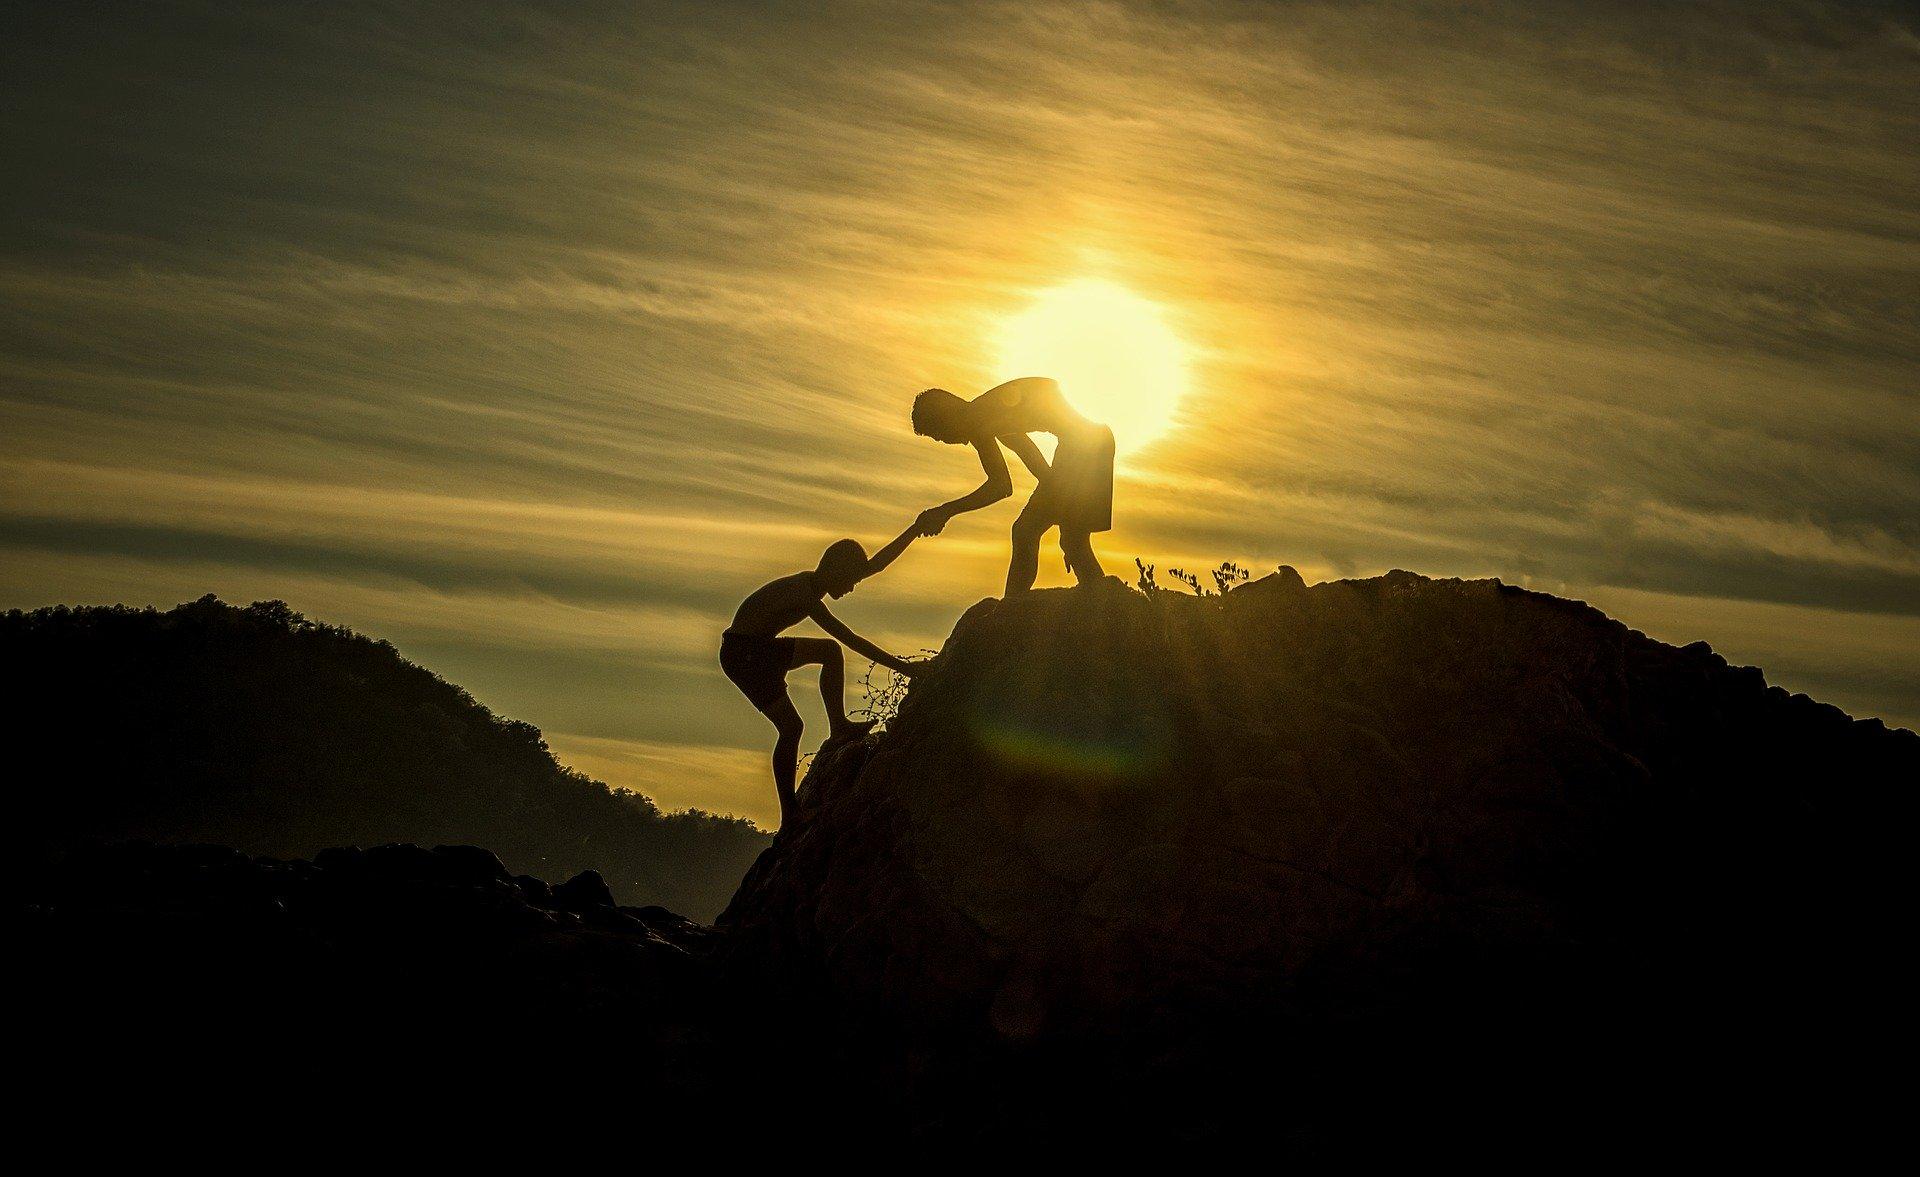 Čestný človek je základom spoločnosti.